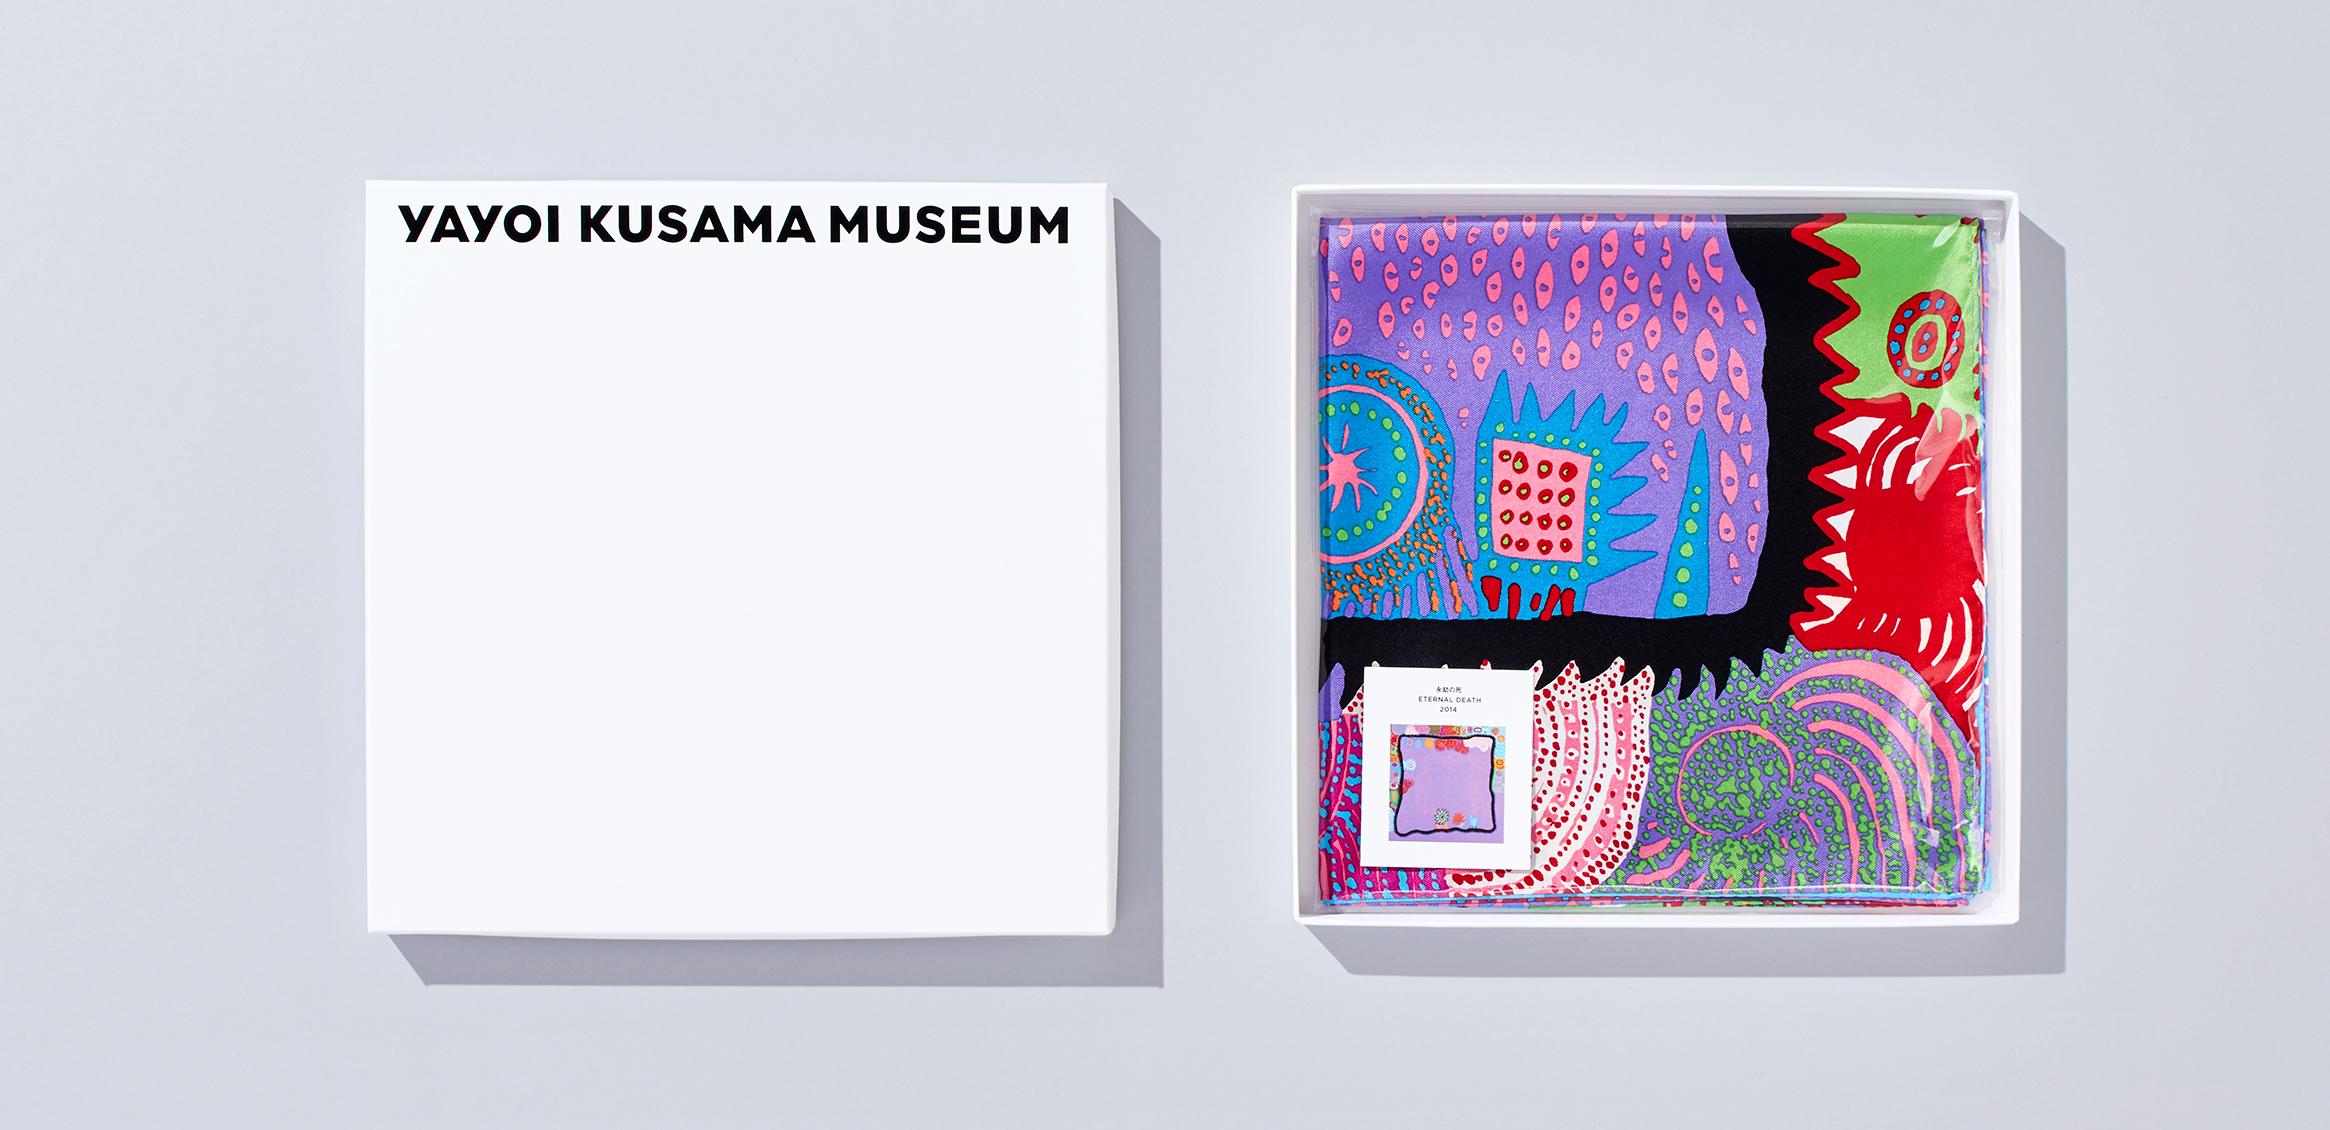 Yayoi Kusama Museum Application2枚目